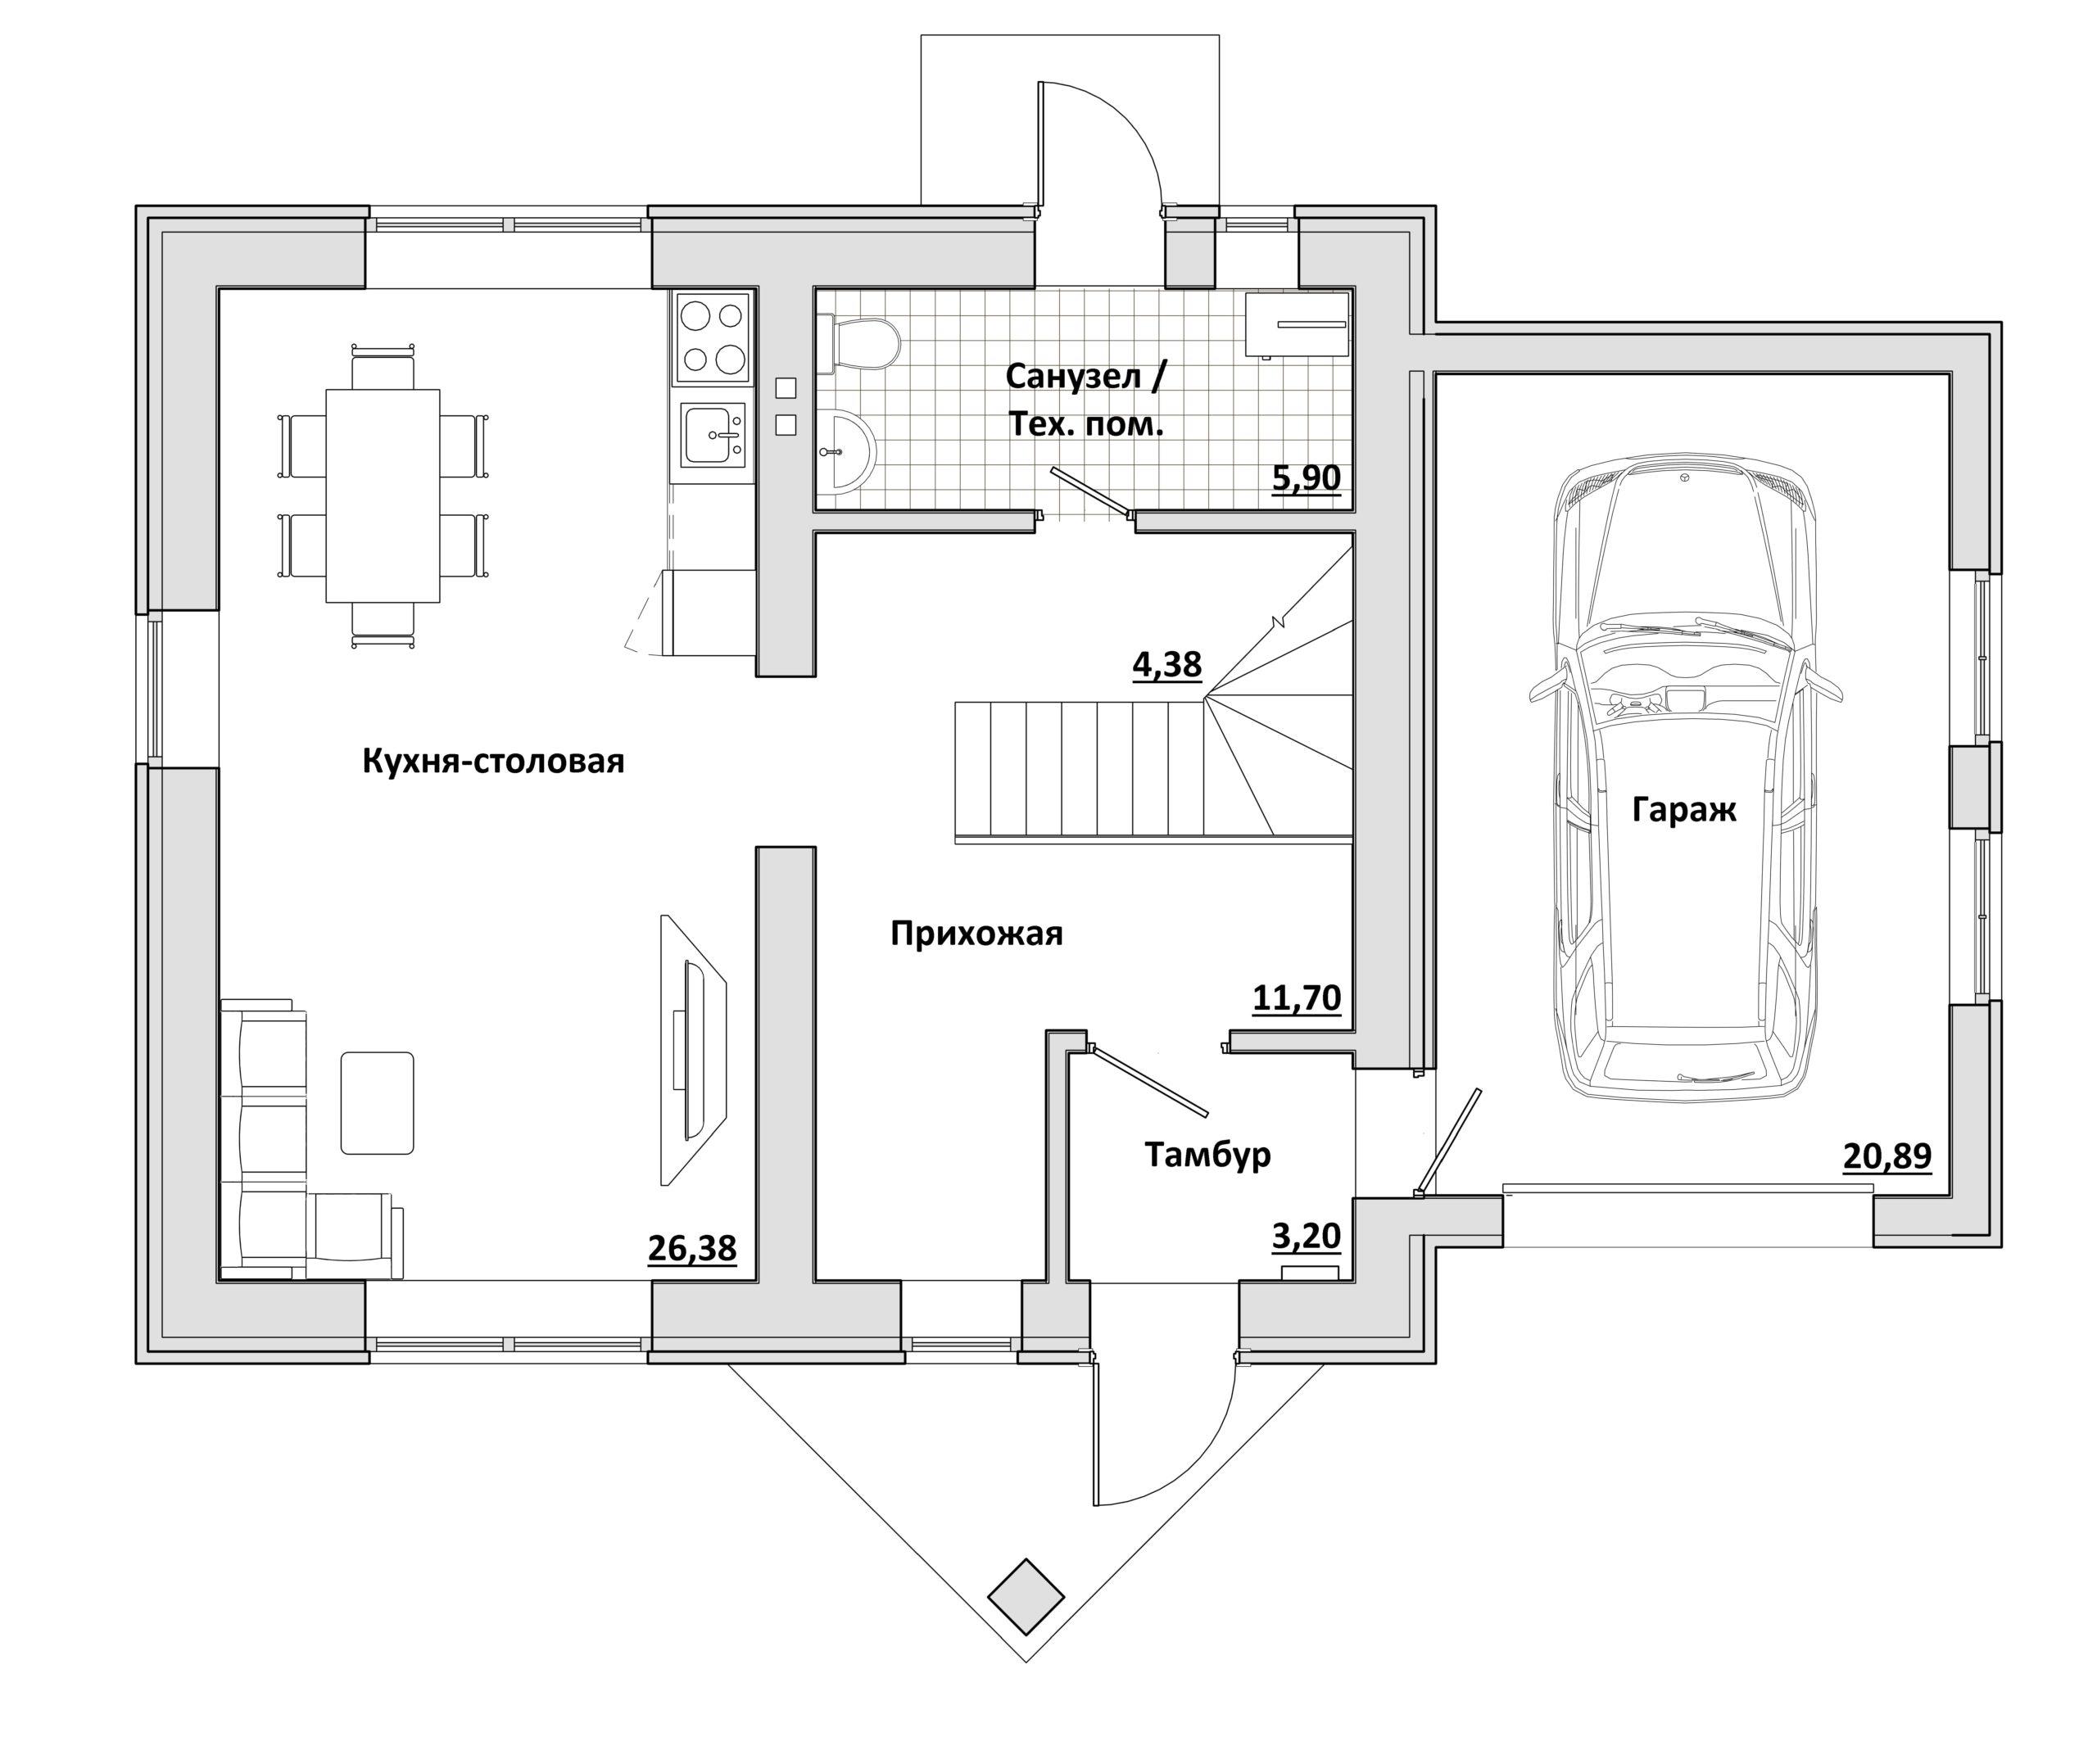 Малый с гаражом - План 1-го этажа